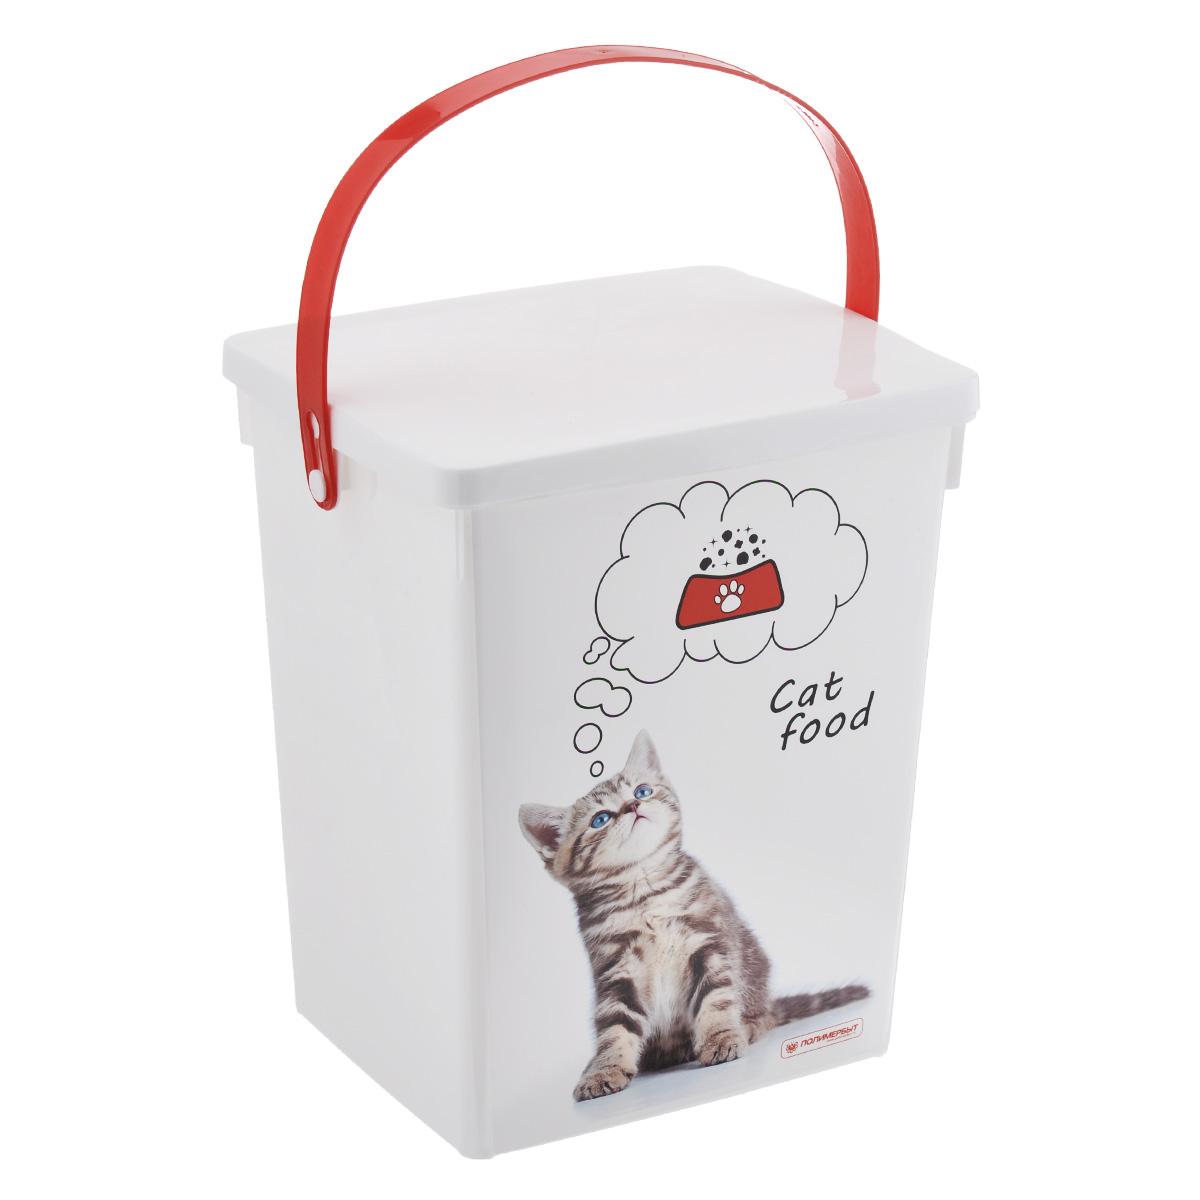 Контейнер для хранения корма Полимербыт Cat Food, цвет: белый, красный, 5 лС49302Контейнер Полимербыт, изготовленный из высококачественного пластика, предназначен для хранения корма для животных. Контейнер оснащен ручкой, благодаря которой можно без проблем переносить с места на место. В таком контейнере корм останется всегда свежим.